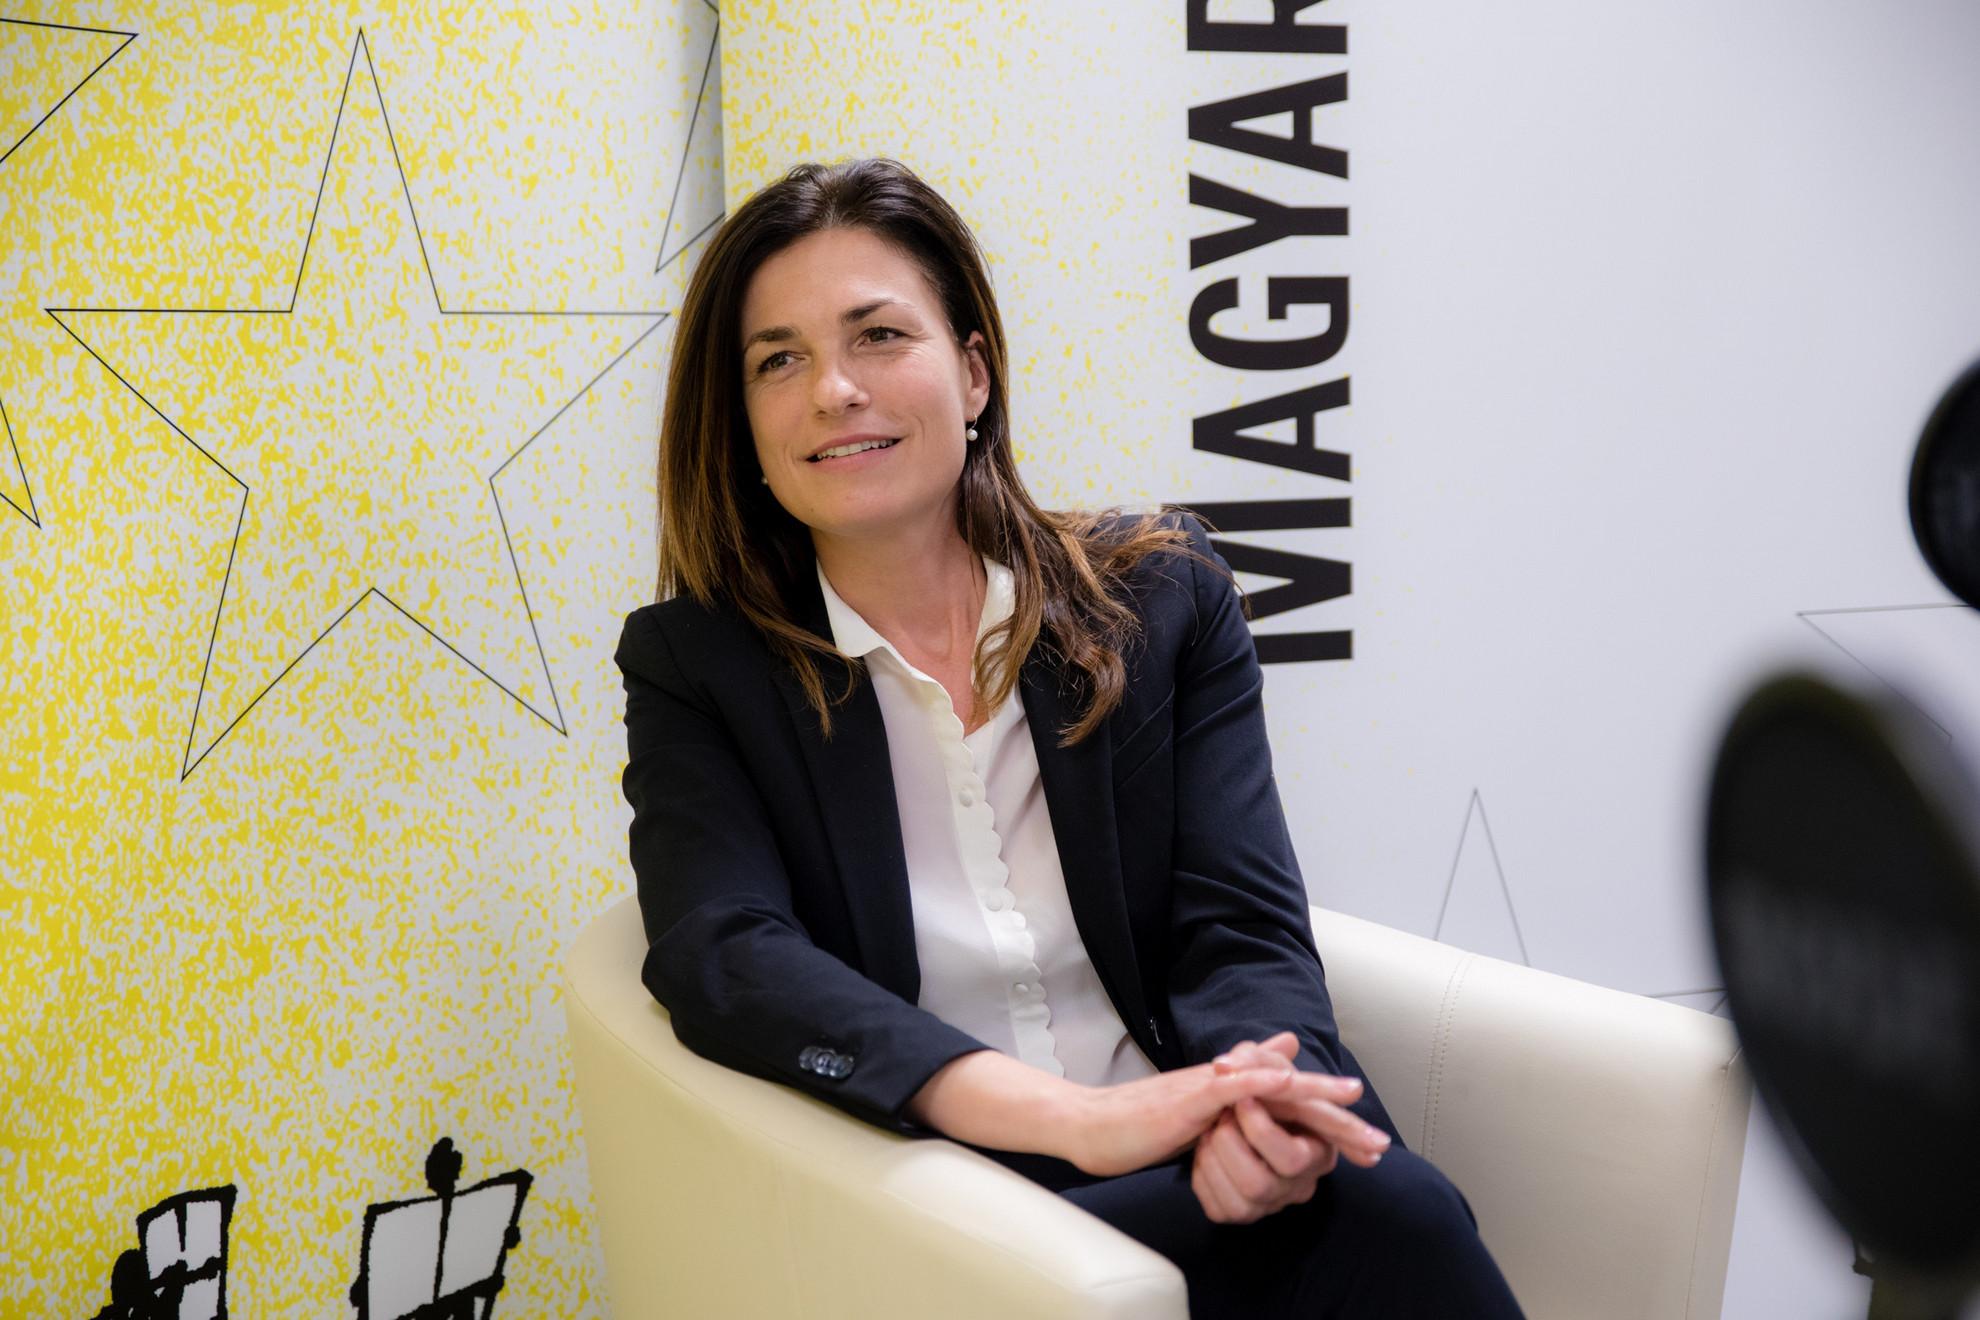 Varga Judit igazságügyminiszter a Faktum műsorának felvételén